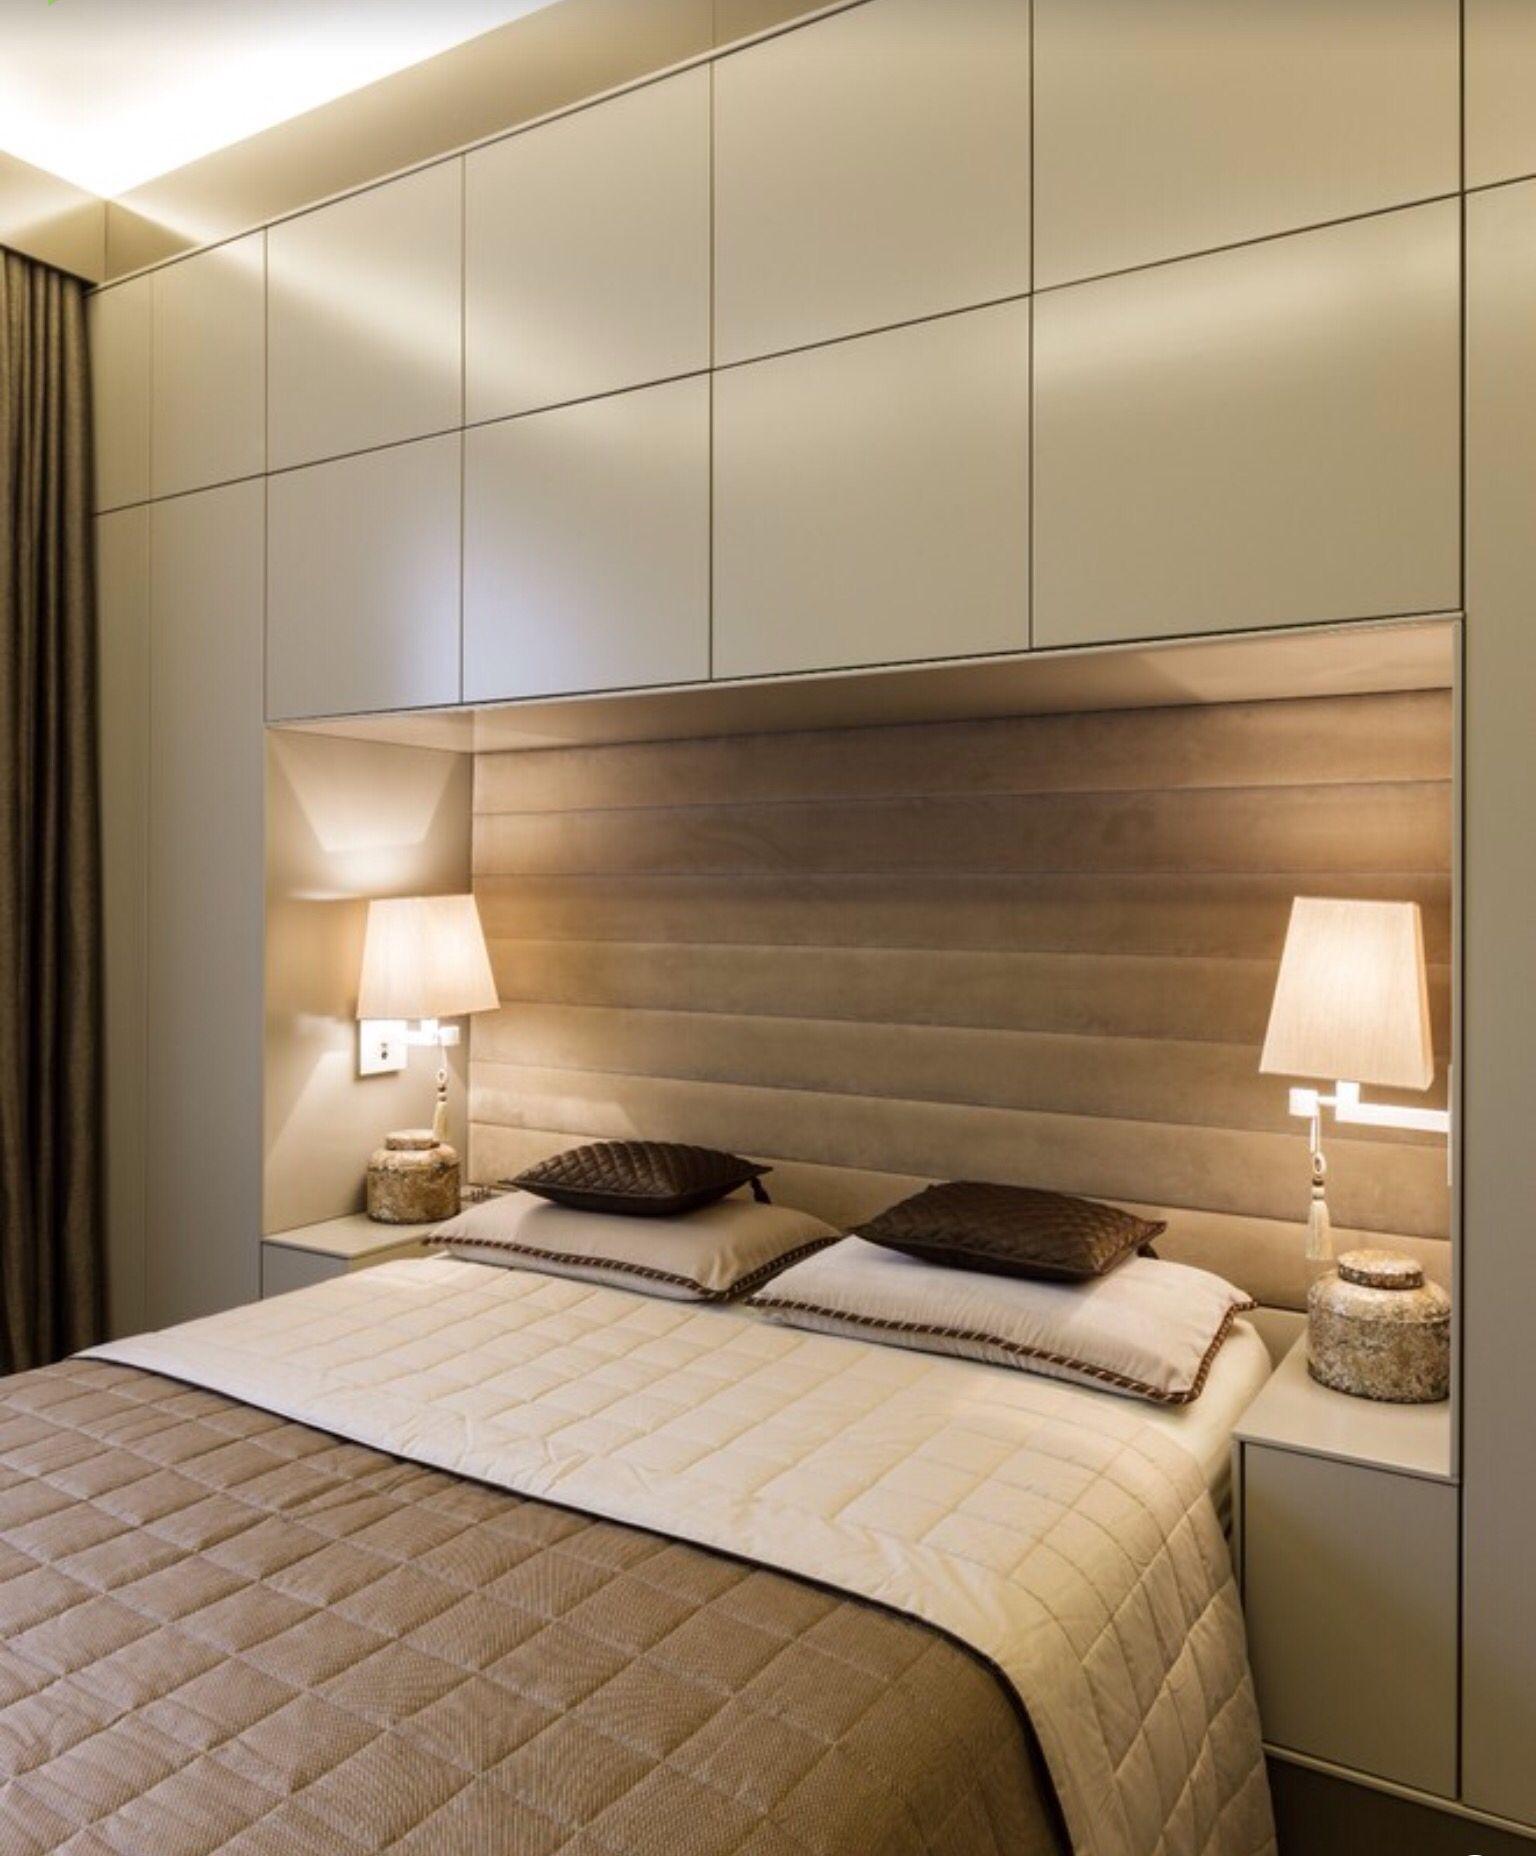 Houzz bedroom wardrobes - By Houzz